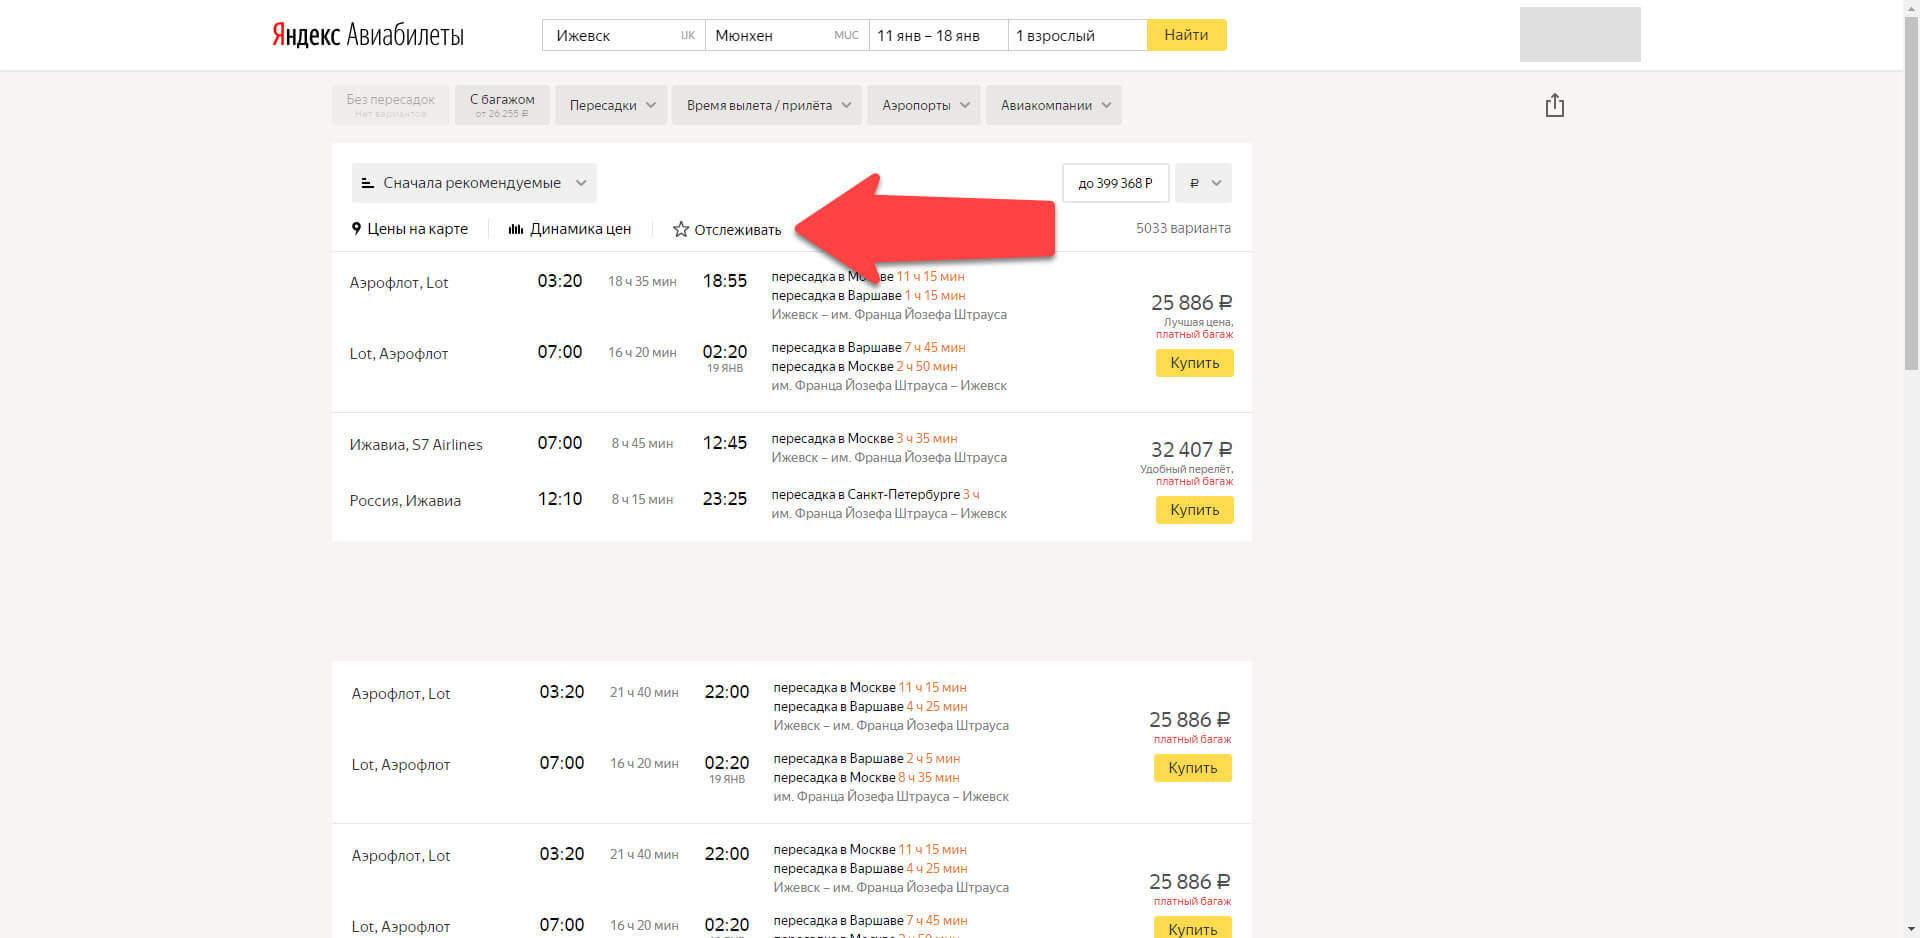 Как отслеживать цену в Яндекс Авиабилеты